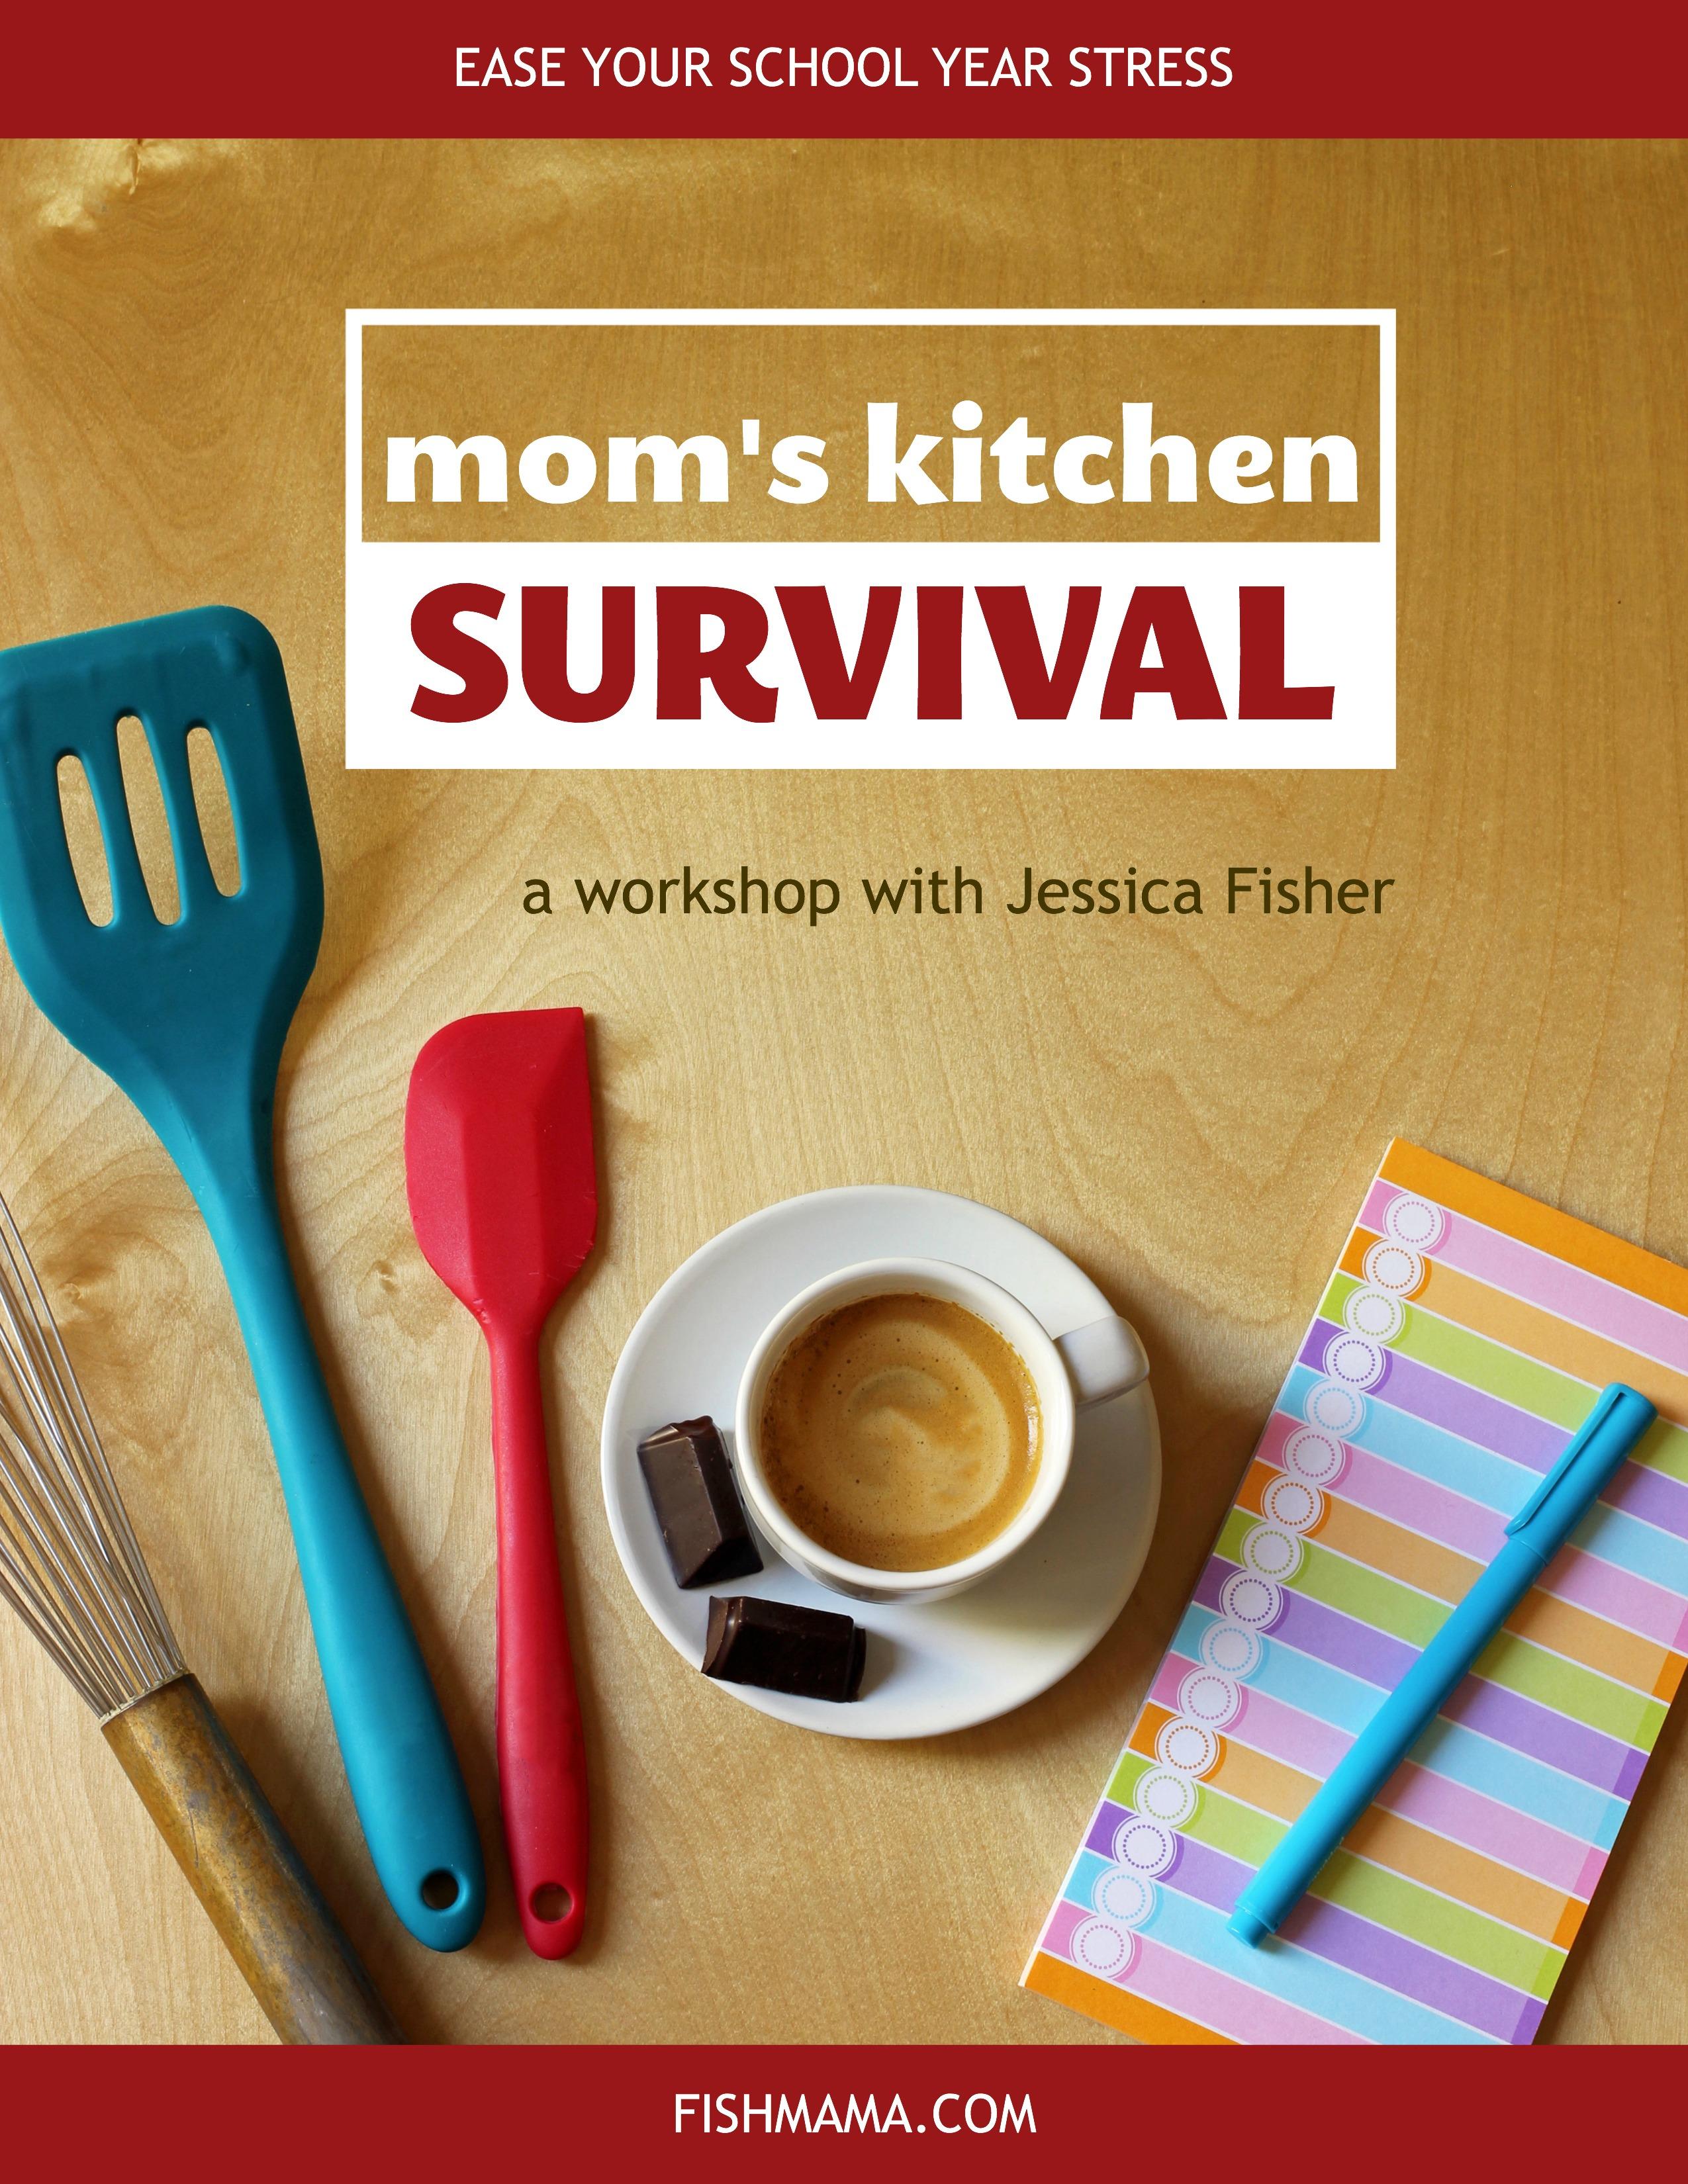 banner ad for kitchen survival workshop